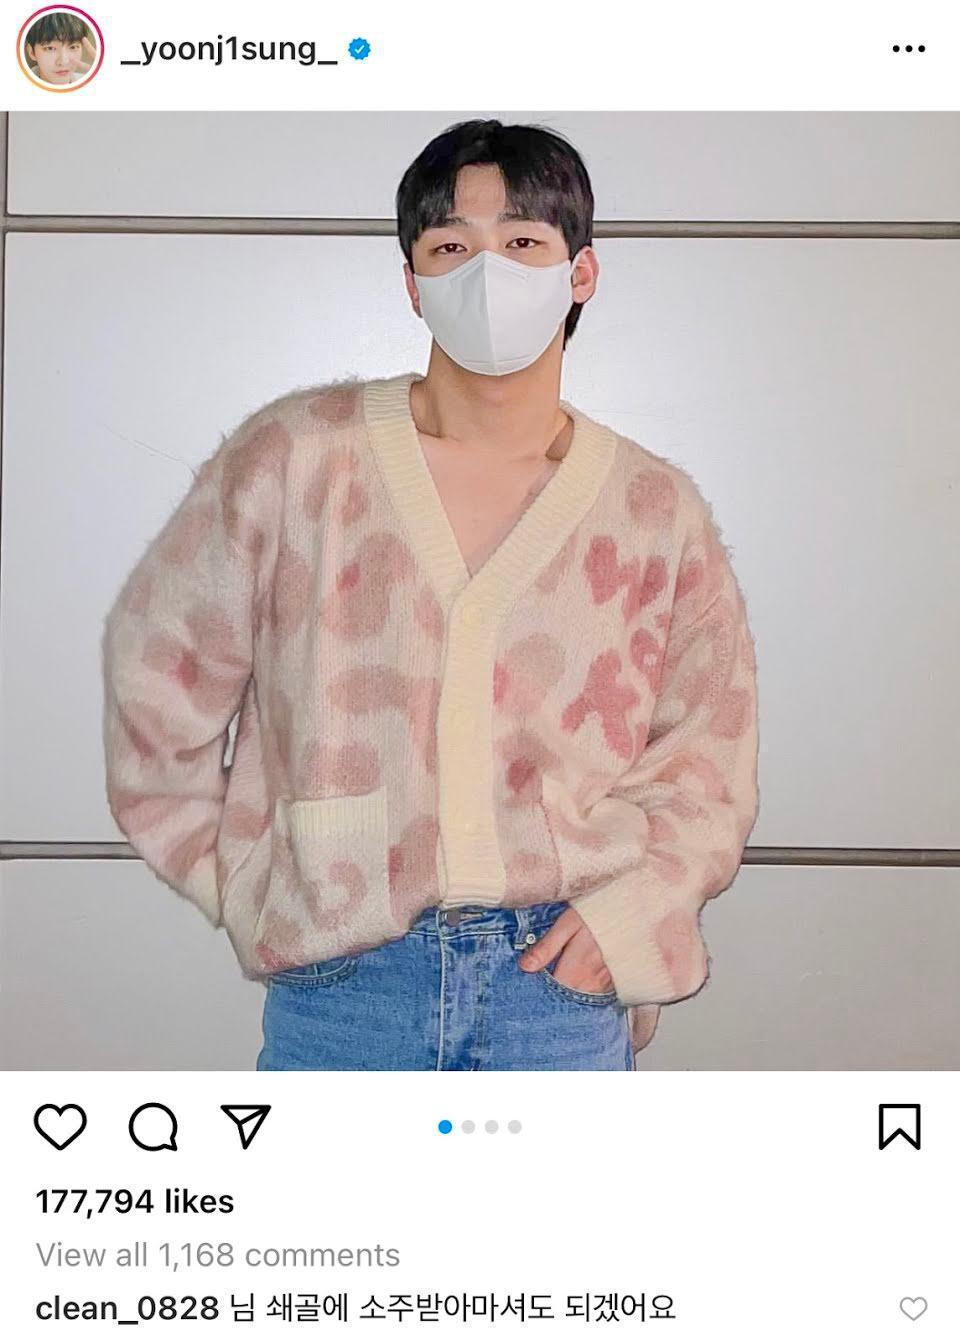 Kim Sejeong bình luận vô tư cỡ nào với Yoon Jisung mà khiến netizen 'đọc muốn đỏ mặt'? Ảnh 3